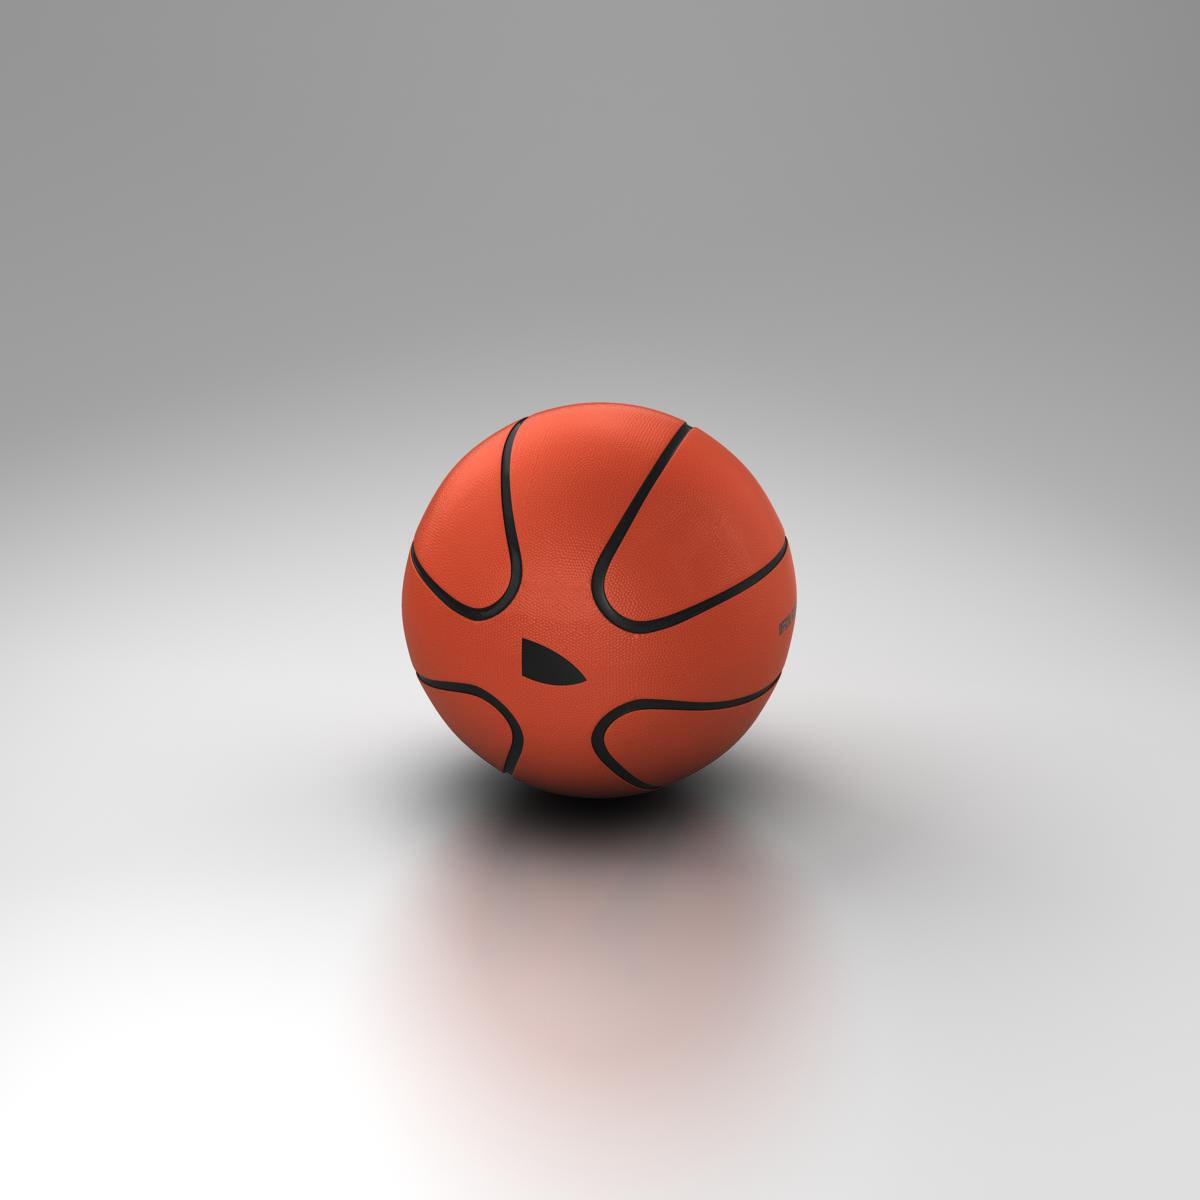 košarkaška lopta zvijezda narančasta 3d model 3ds max fbx c4d ma mb obj 165722